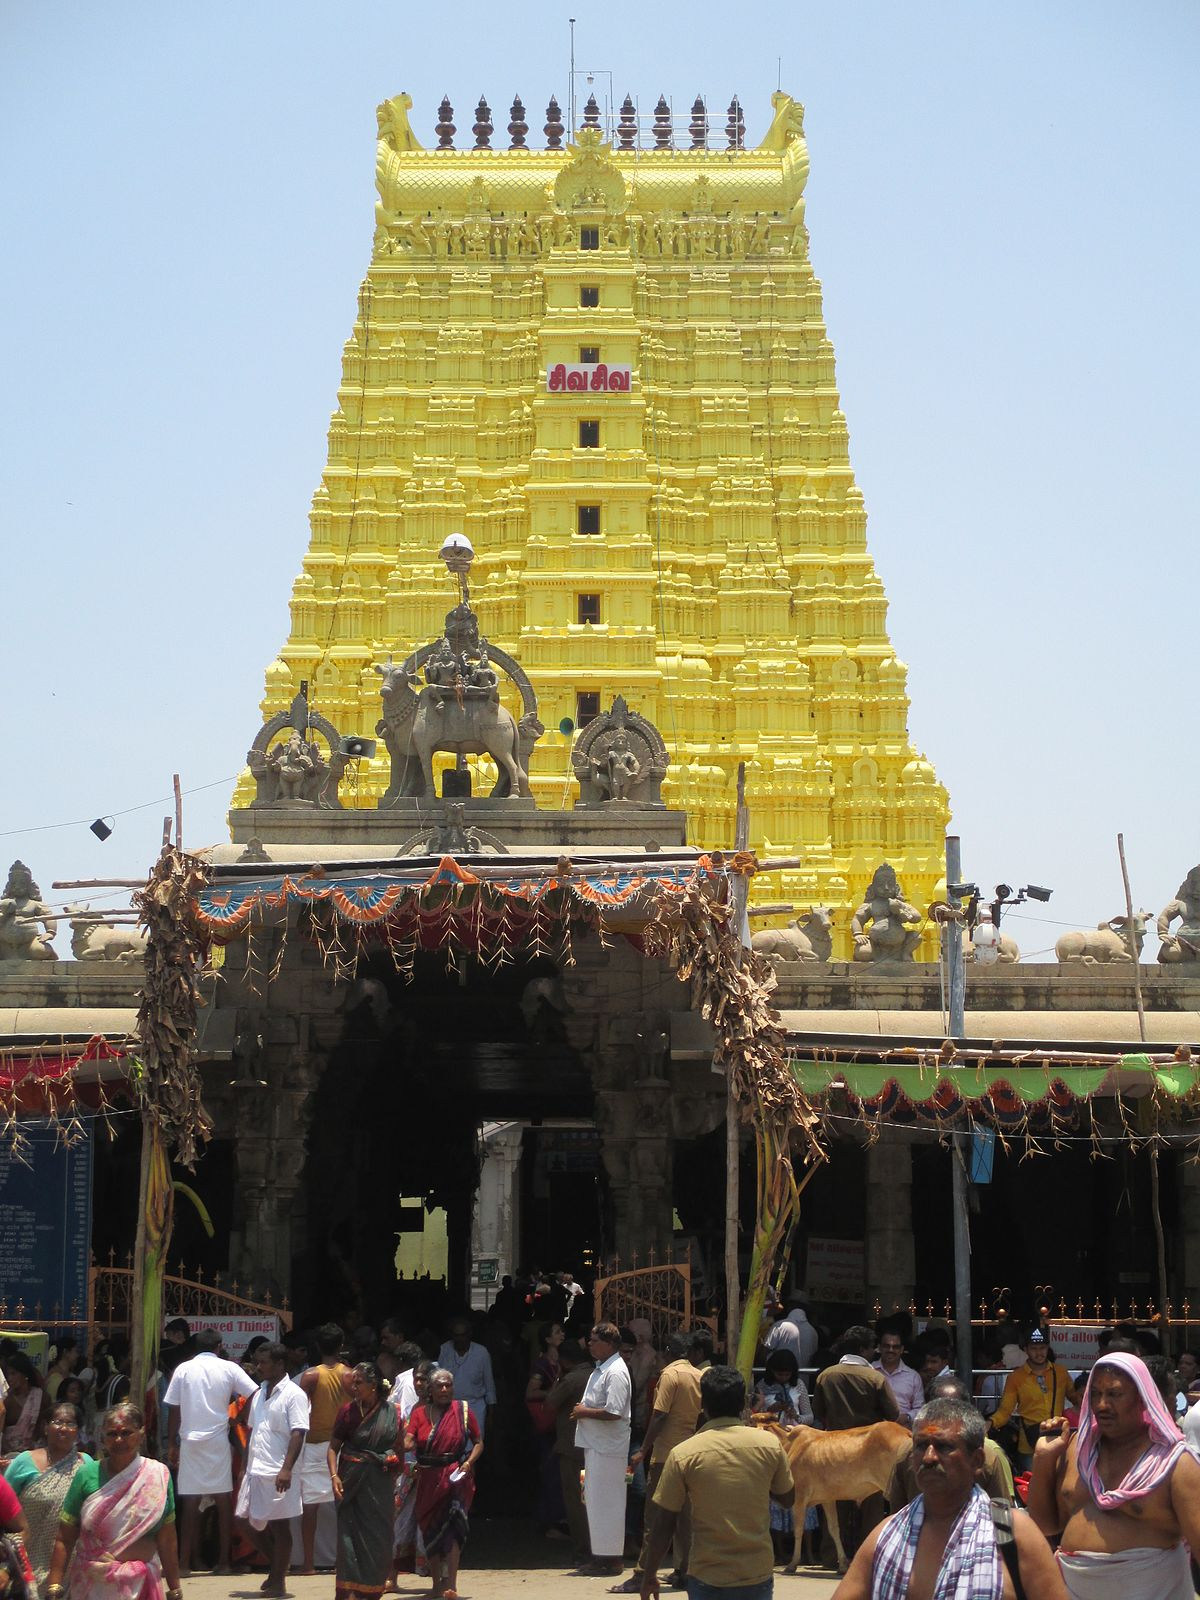 Ramanathaswamy Temple - Wikipedia